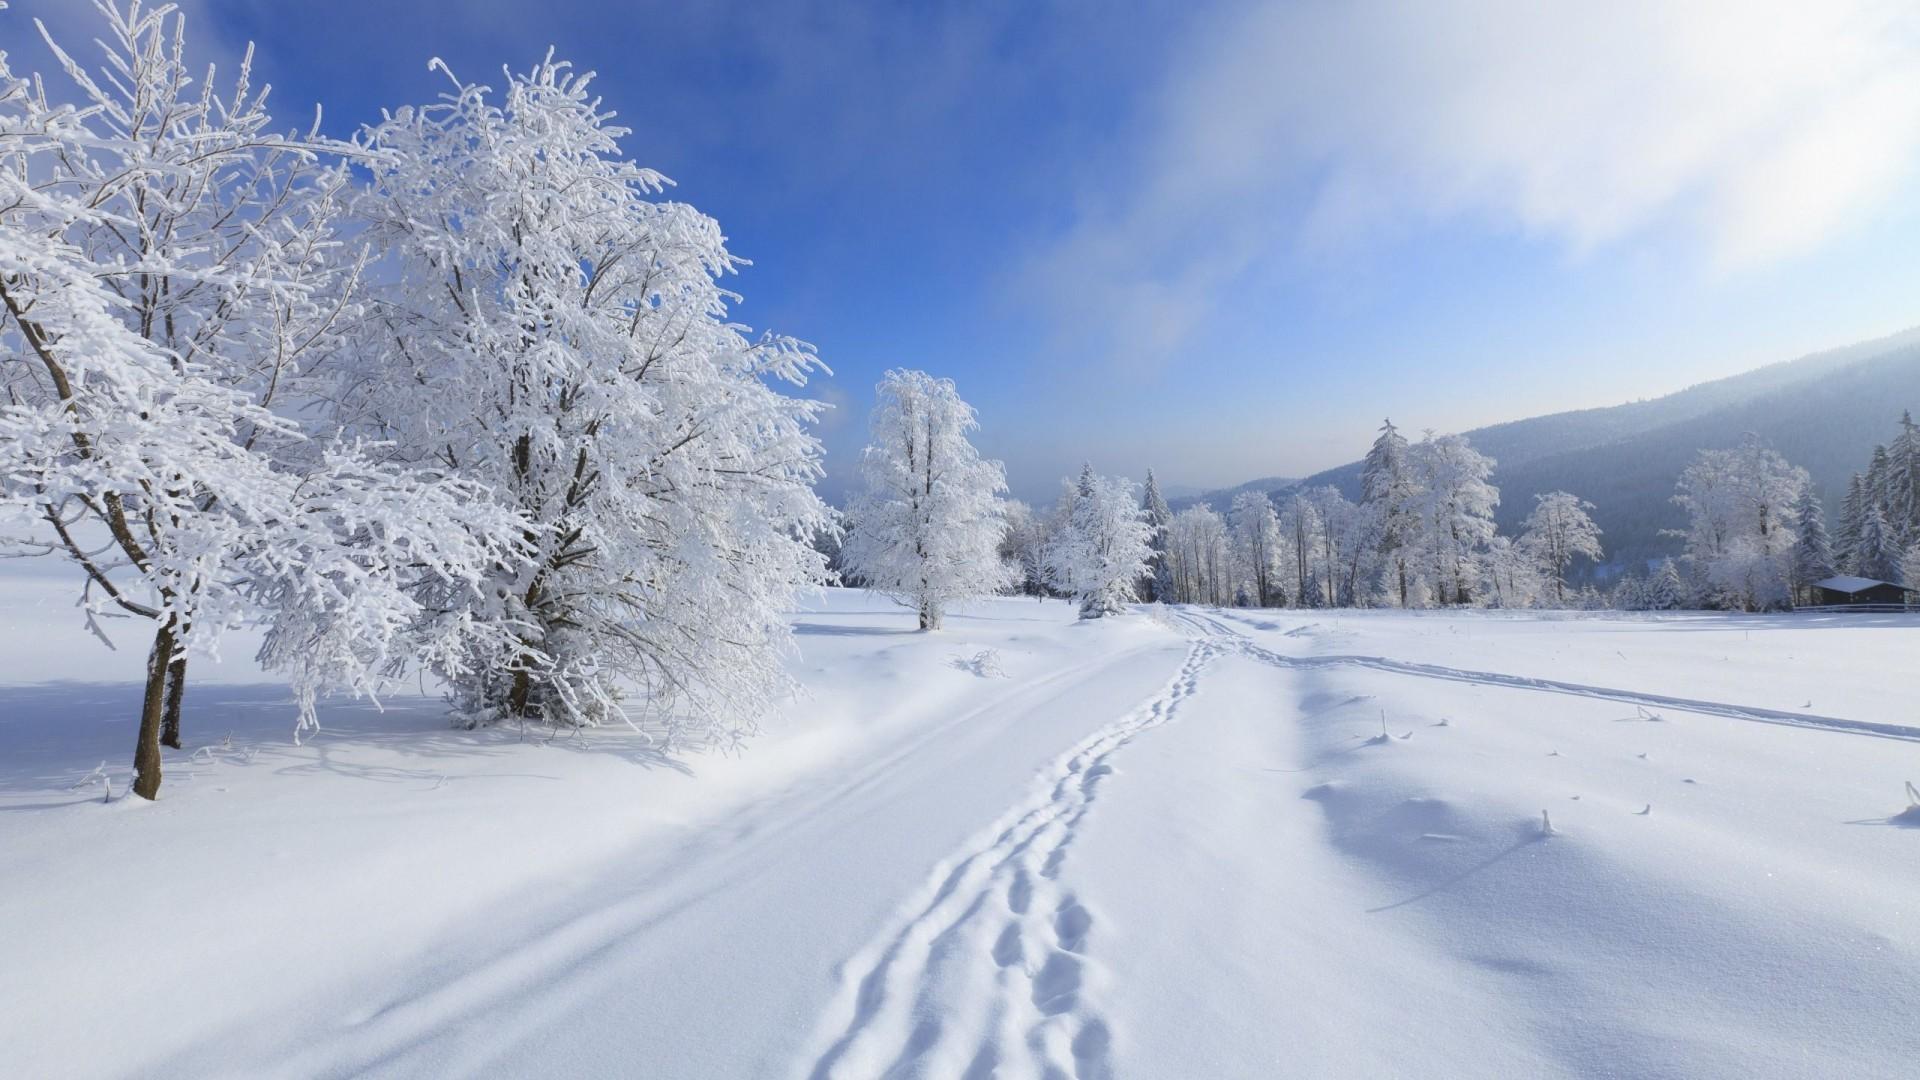 27740 descargar fondo de pantalla Paisaje, Invierno, Árboles, Nieve: protectores de pantalla e imágenes gratis